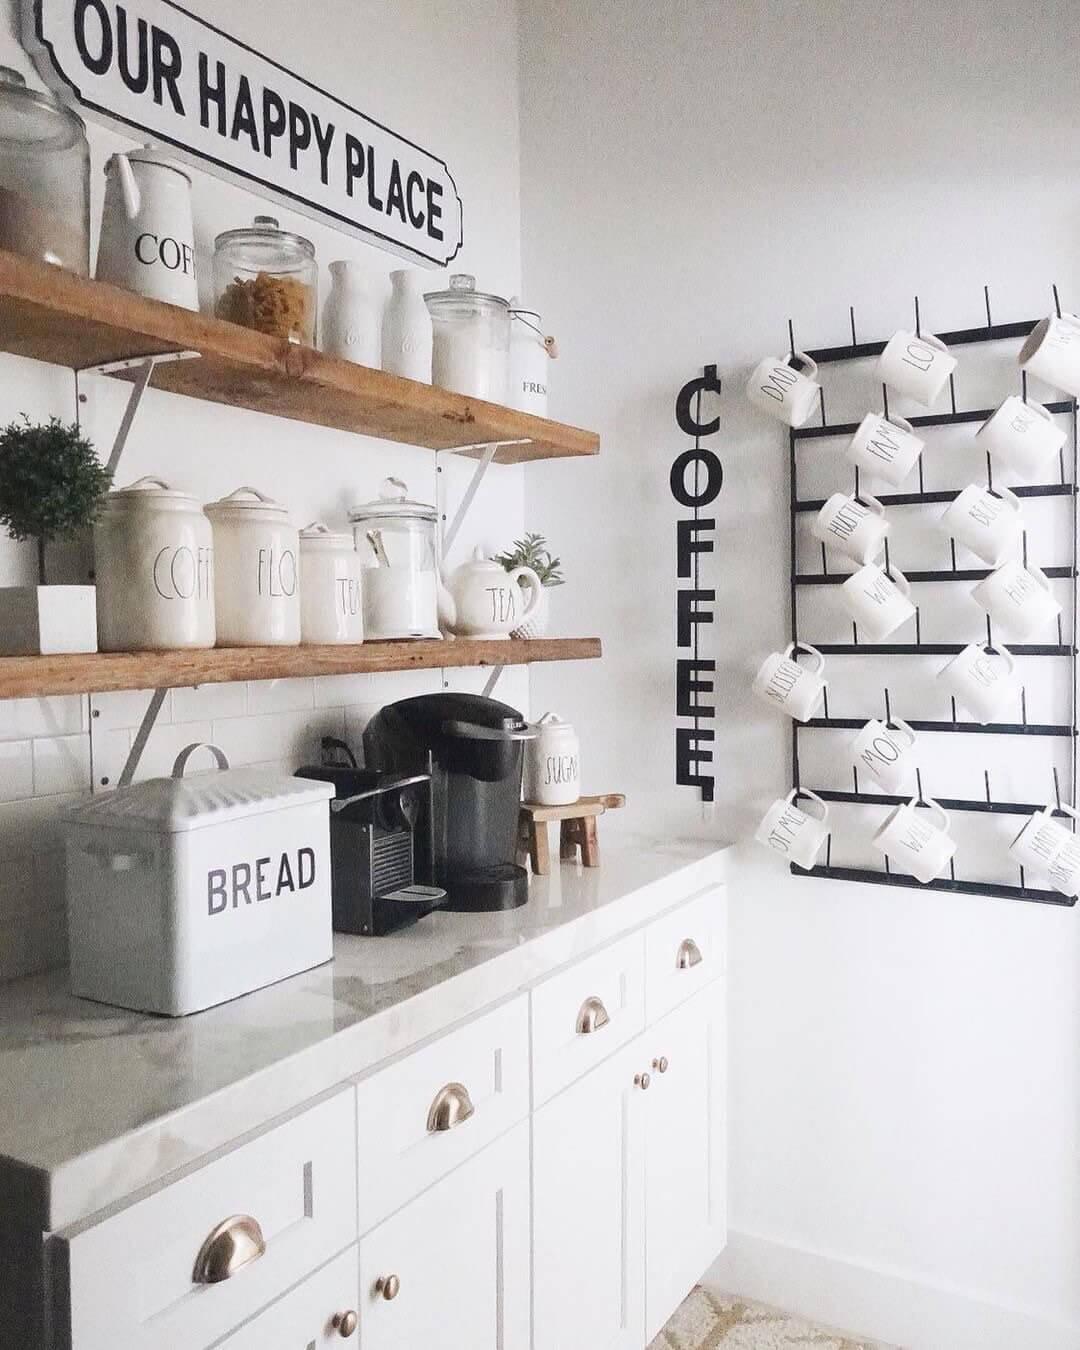 Кофе-бар: идеи создания кофейной станции дома фото 3=7